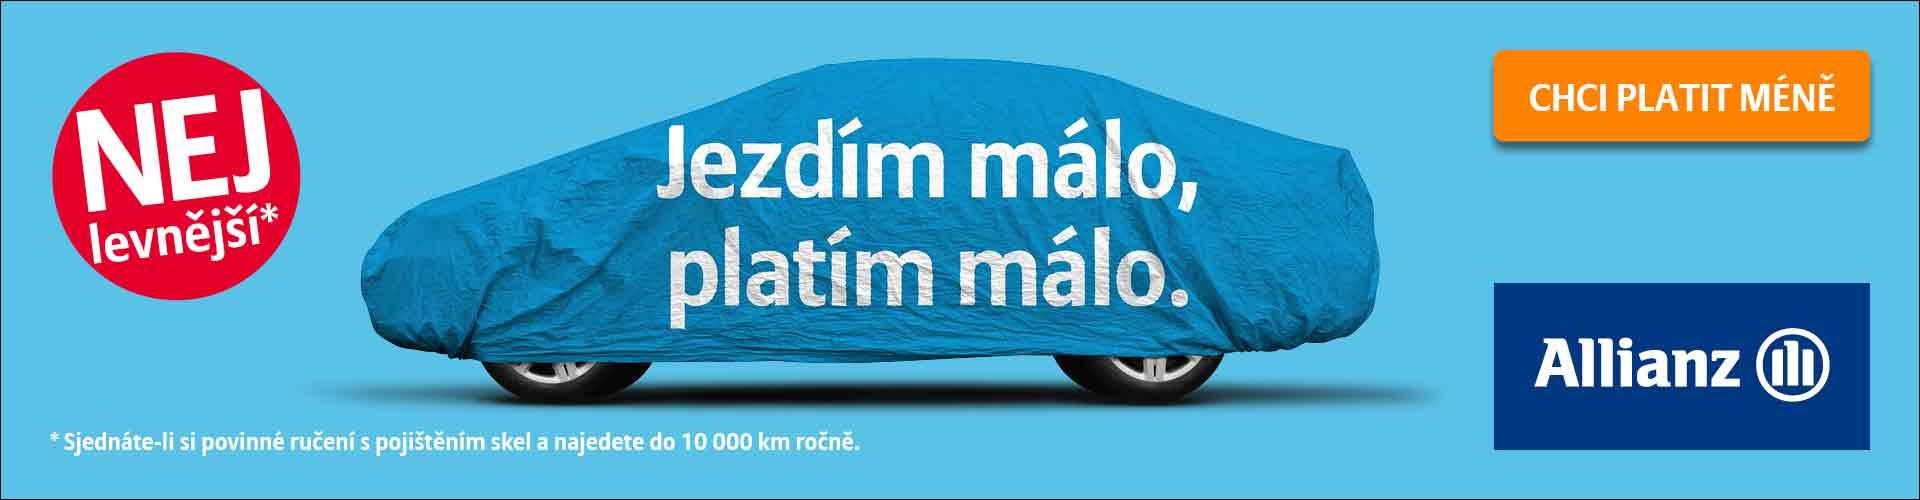 Spočítejte si cenu nového Allianz pojištění online